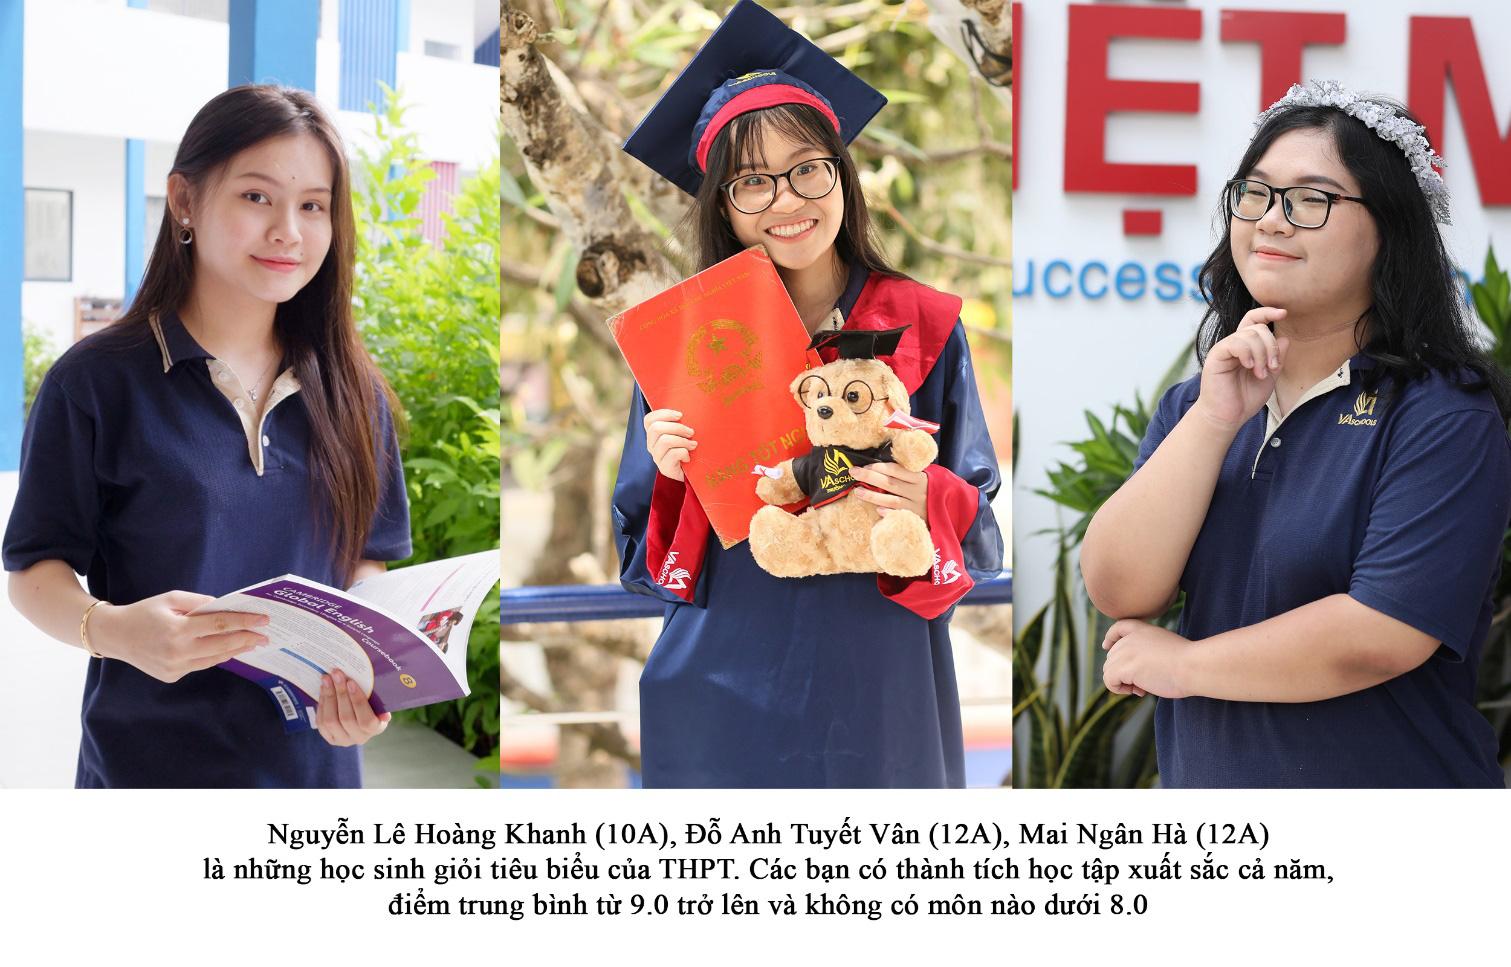 Những gương mặt trẻ tiêu biểu của trường Việt Mỹ Vũng Tàu - Ảnh 1.